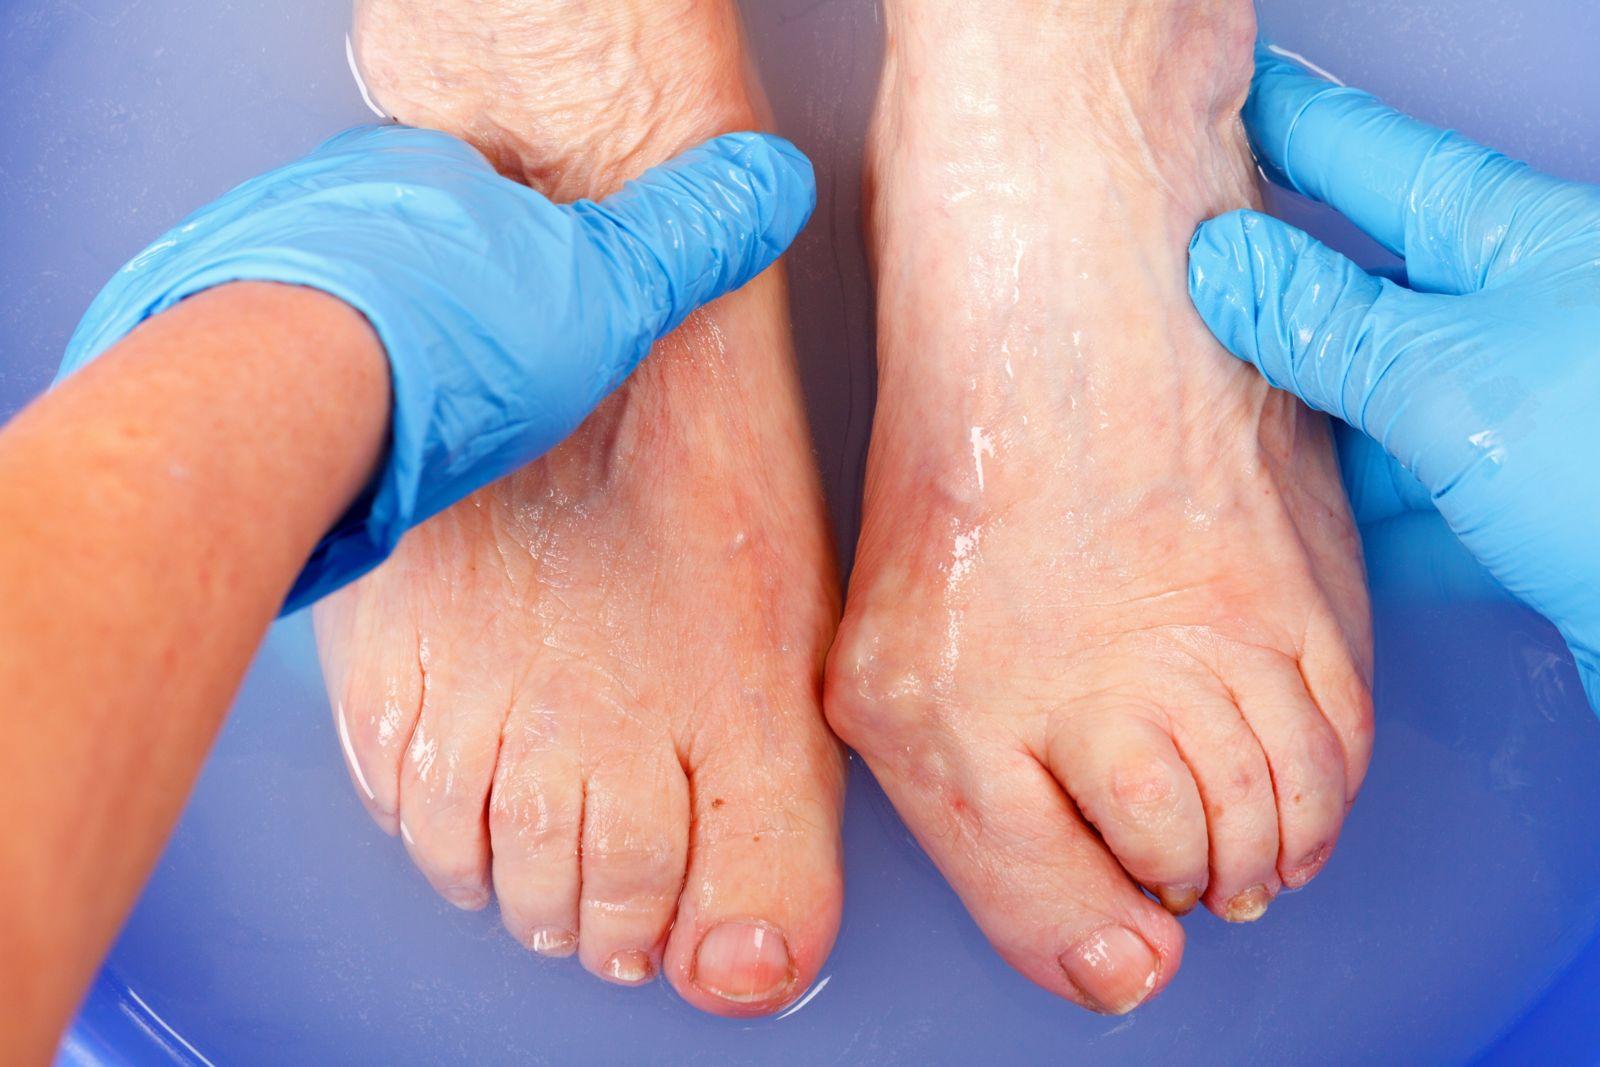 older ladies feet being held by hands wearing blue medical gloves